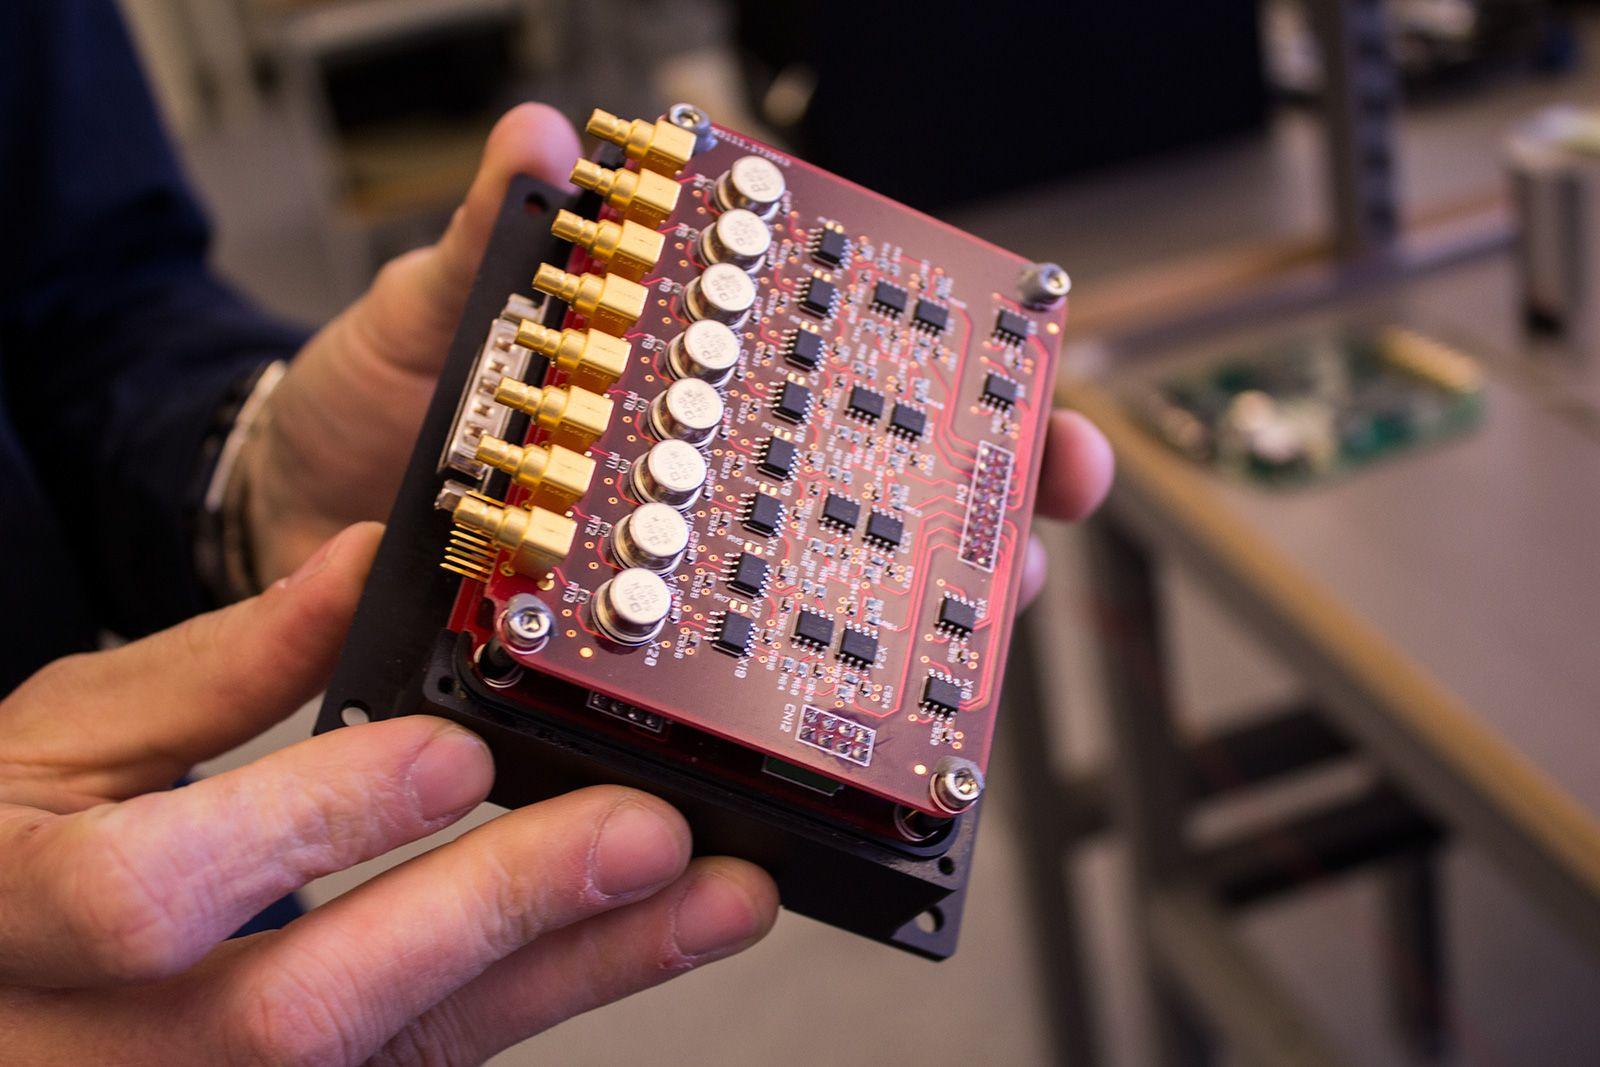 Dette «amperemeteret» er et av satelittens viktigste instrumenter.Foto: Varg Aamo, hardware.no